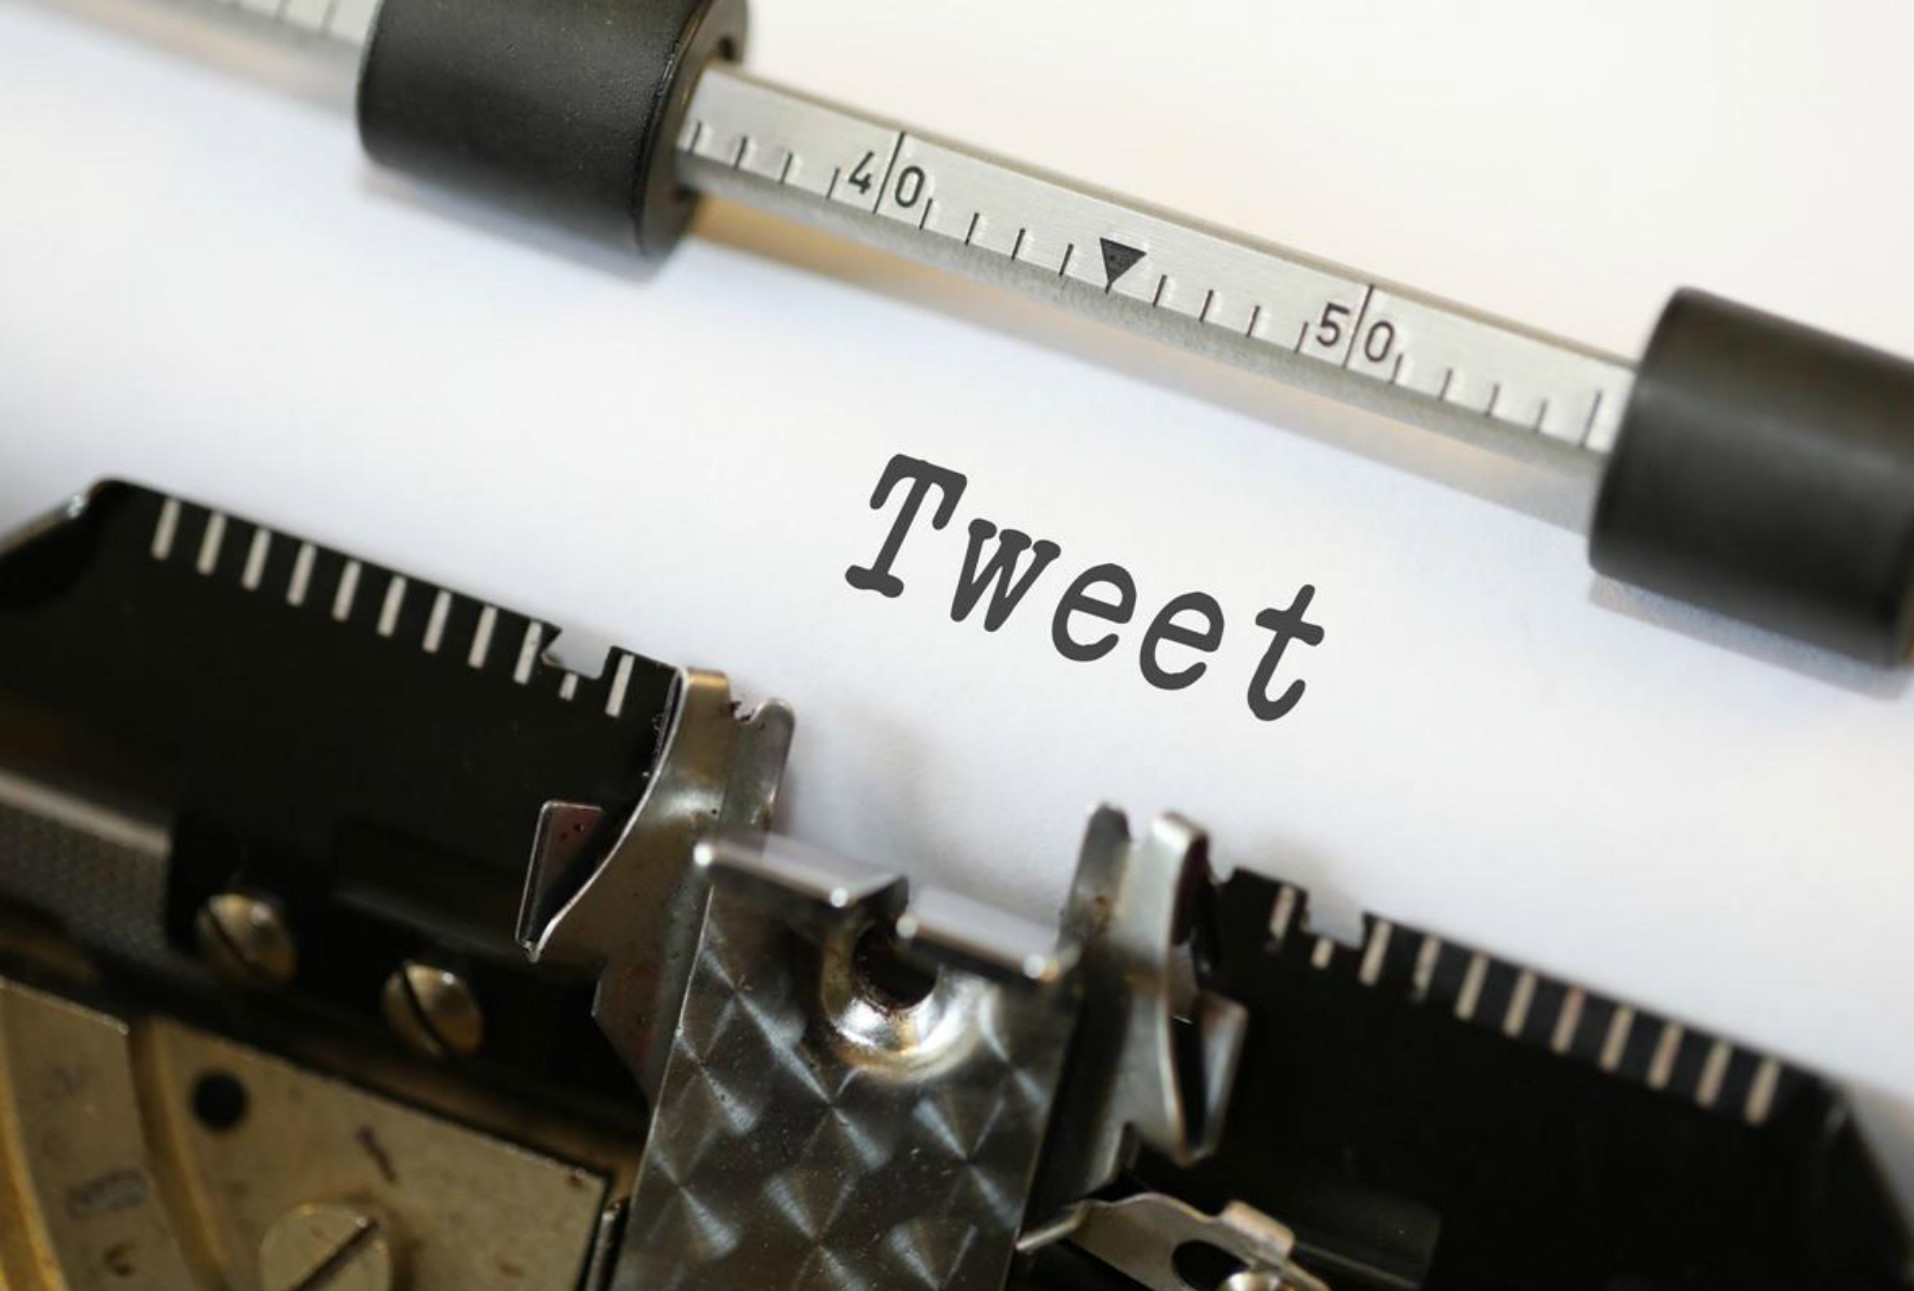 Metadatos públicos de Twitter permiten identificar fácilmente a sus usuarios, revela estudio